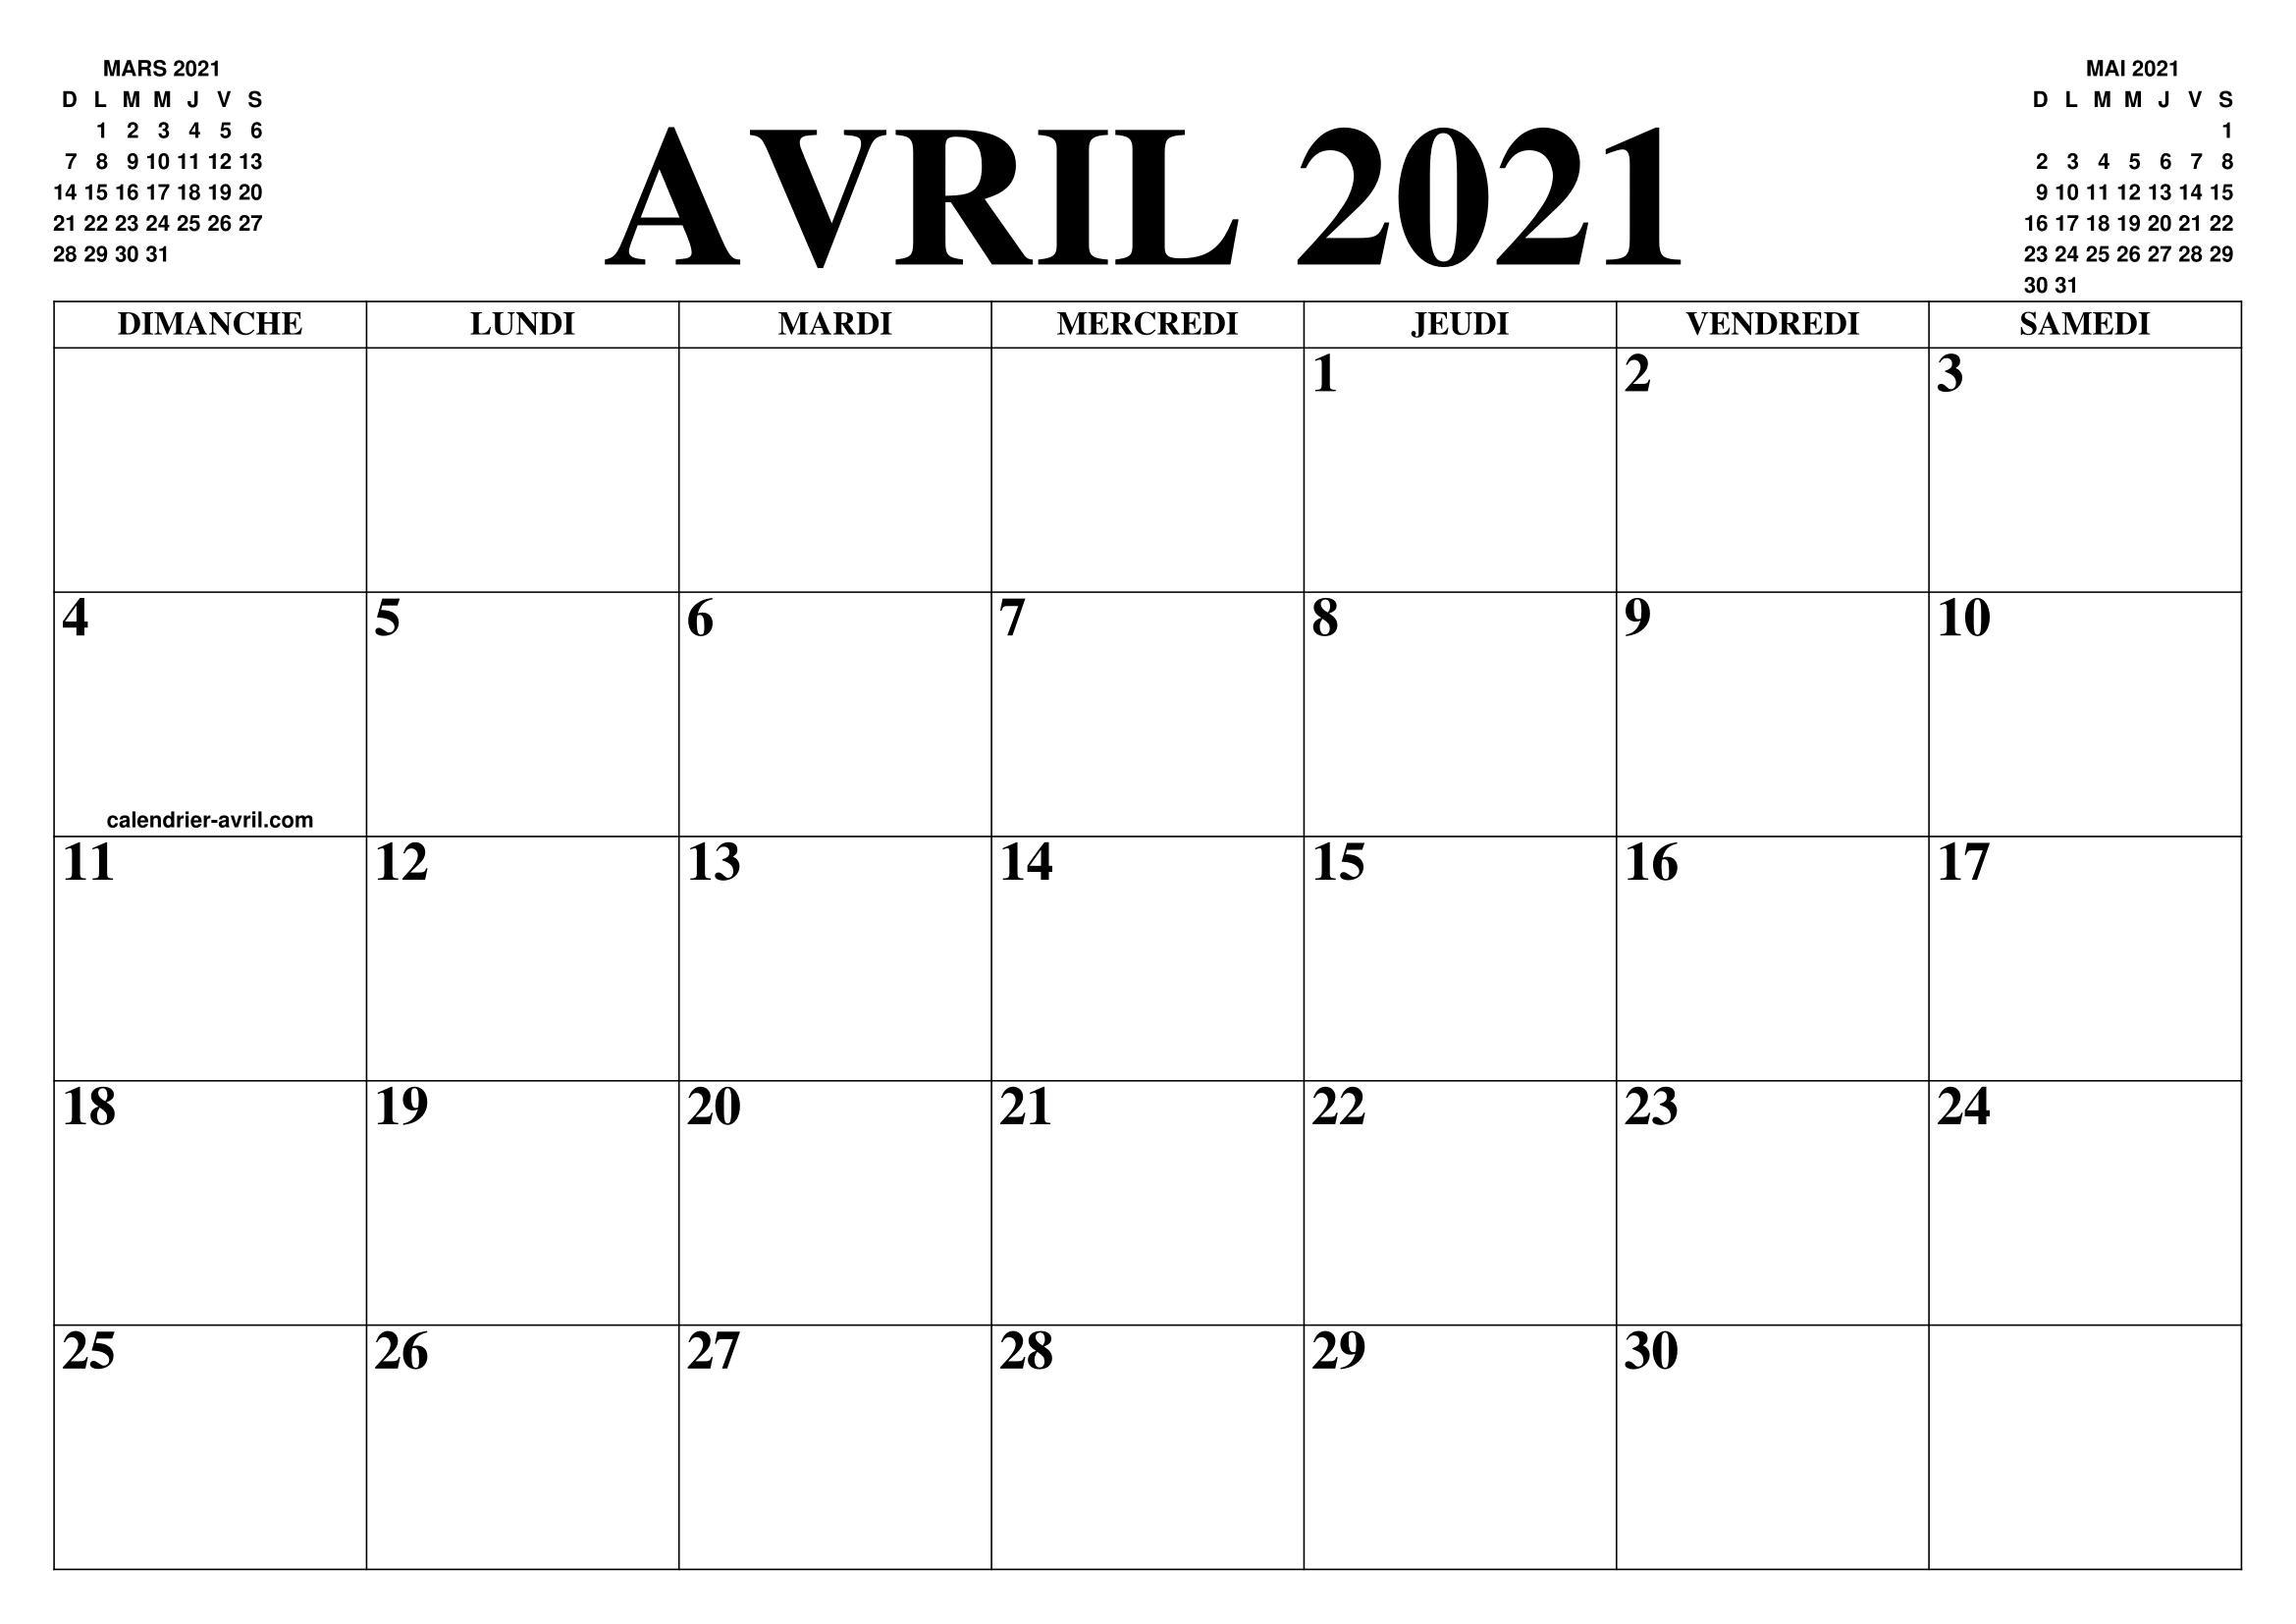 Calendrier Avril 2021 Pdf CALENDRIER AVRIL 2021 : LE CALENDRIER DU MOIS DE AVRIL GRATUIT A